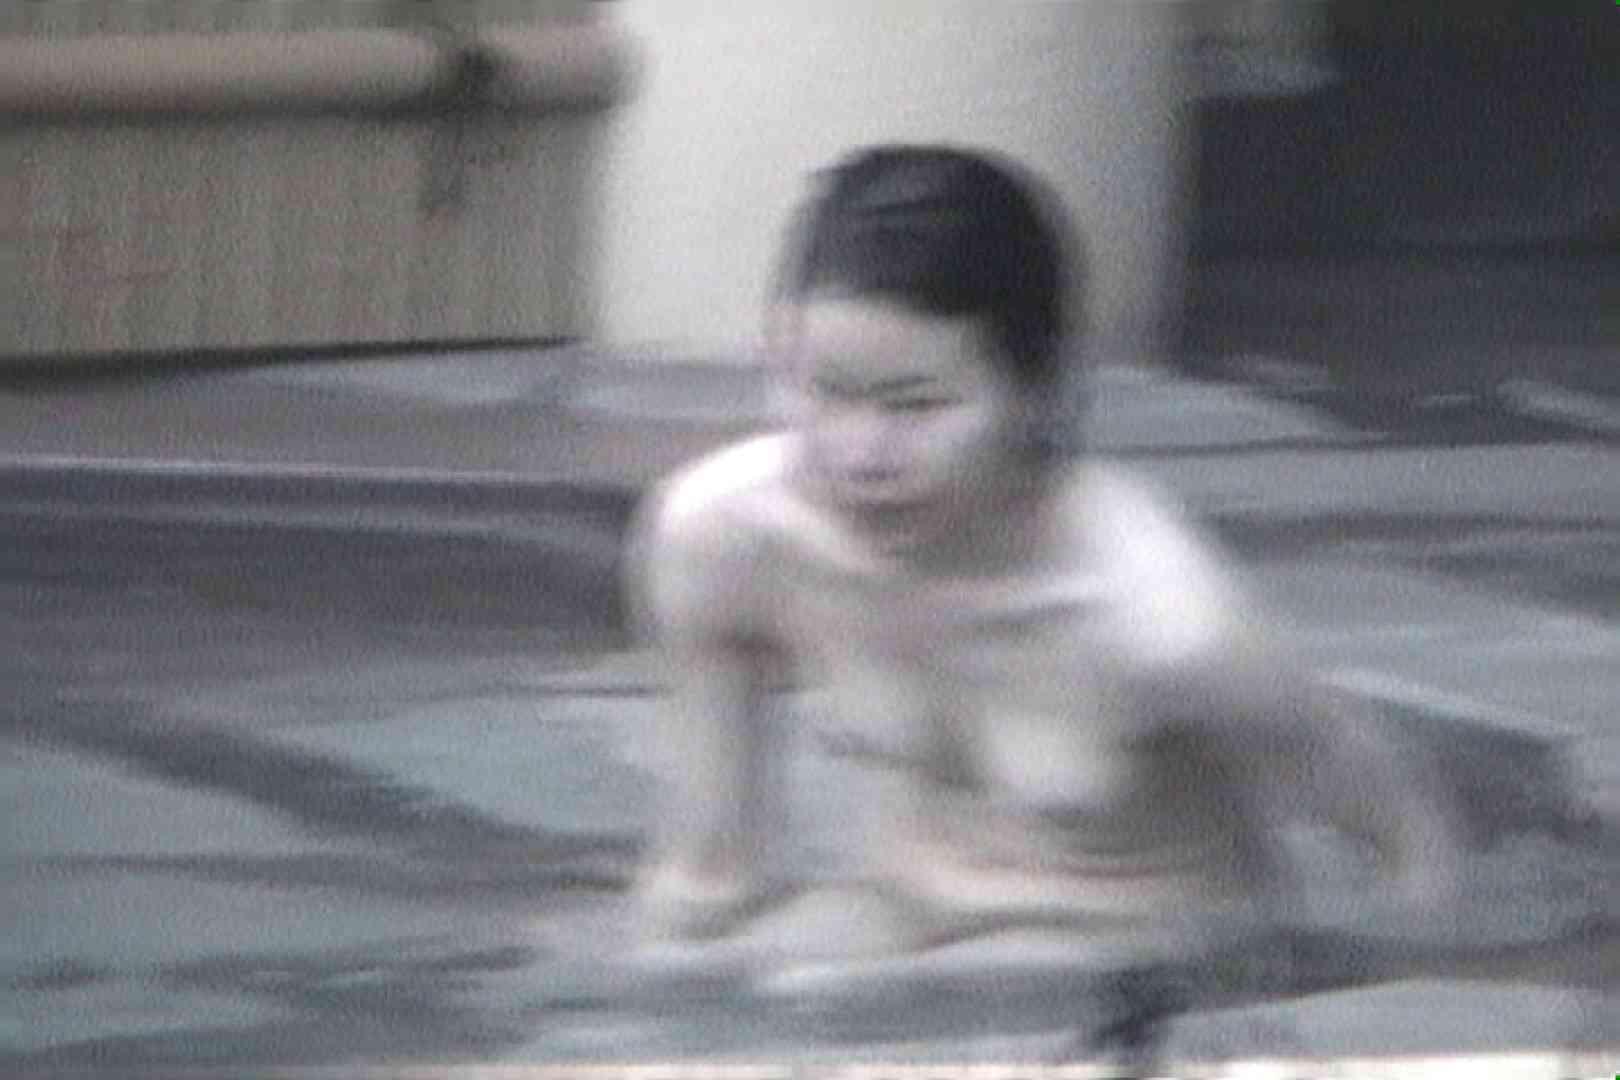 Aquaな露天風呂Vol.556 露天風呂突入  69pic 3